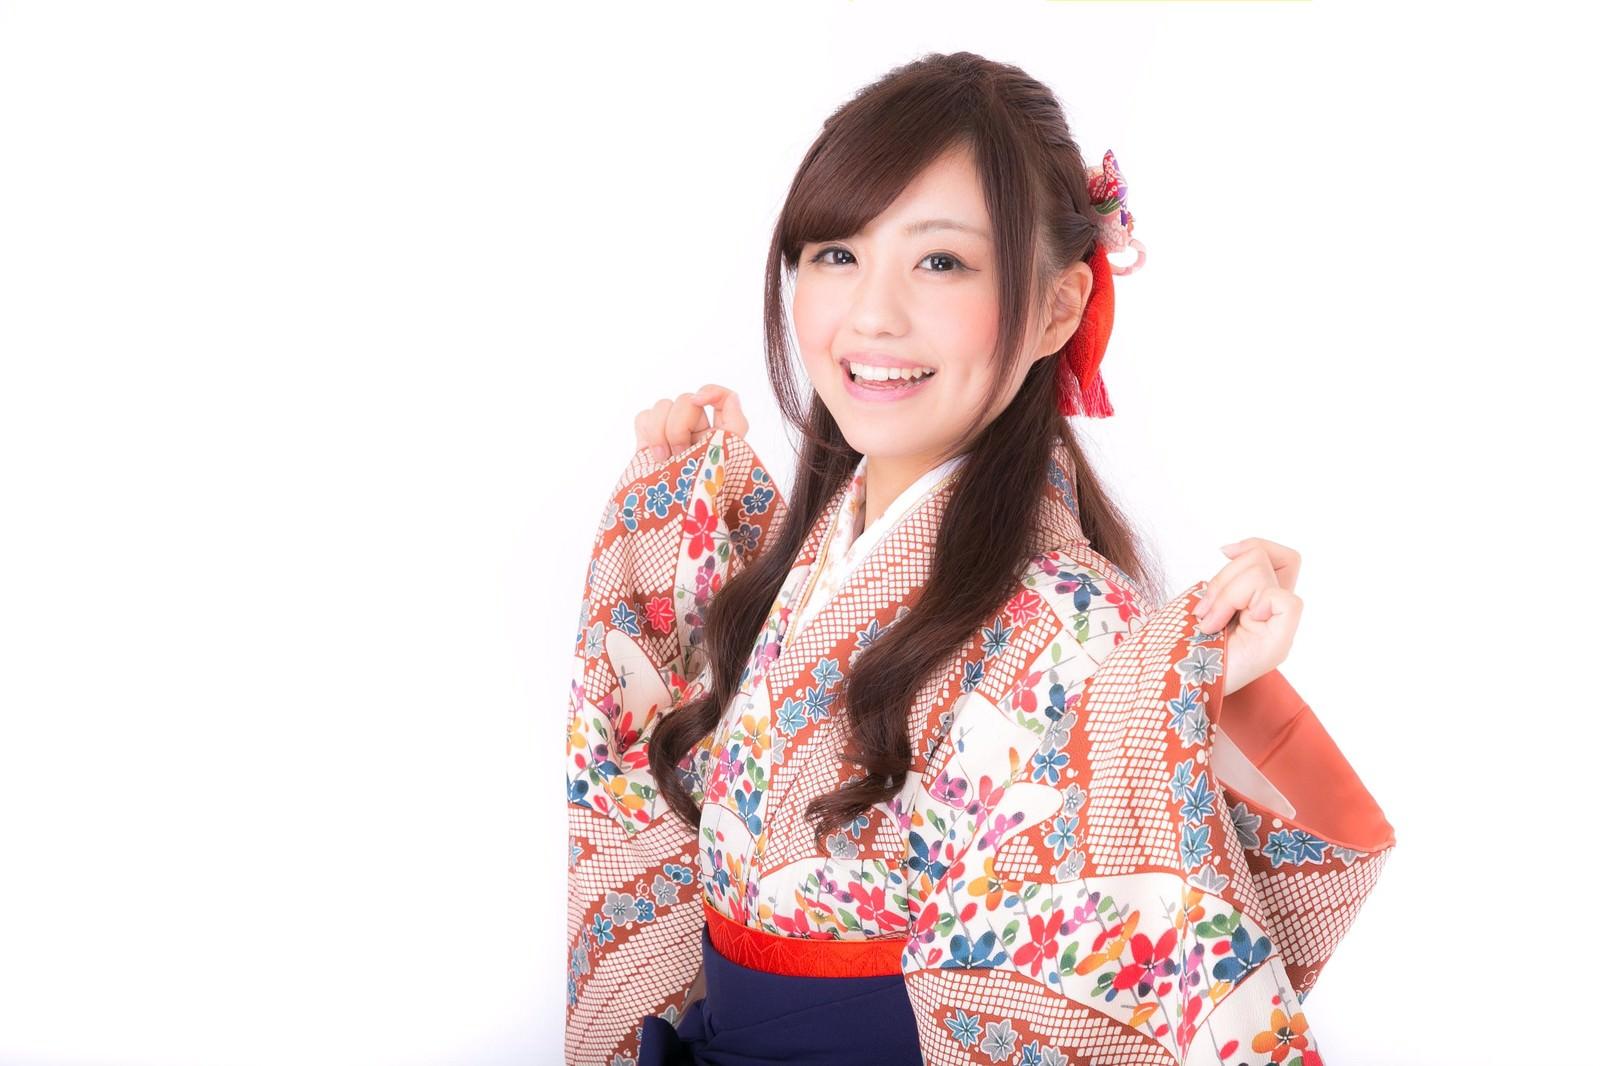 「着物の袖を持った笑顔の成人女性 | 写真の無料素材・フリー素材 - ぱくたそ」の写真[モデル:河村友歌]